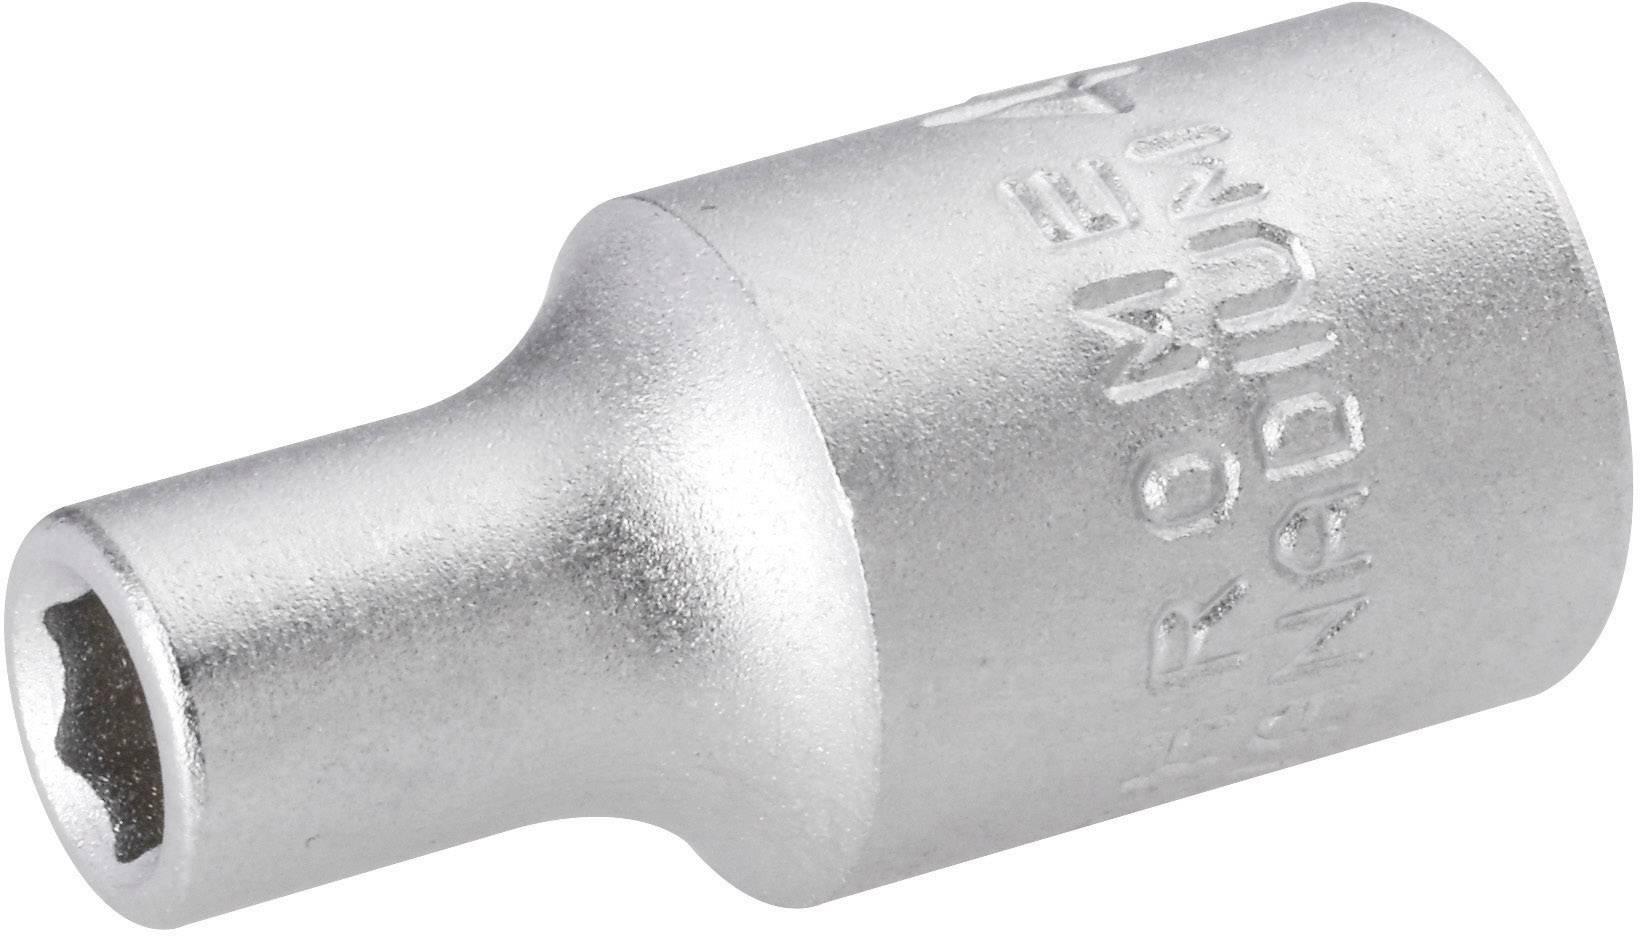 """Nástavec pro ráčnu TOOLCRAFT 820742, vnější šestihran, 1/4"""" (6,3 mm), 4 mm, chrom-vanadová ocel"""